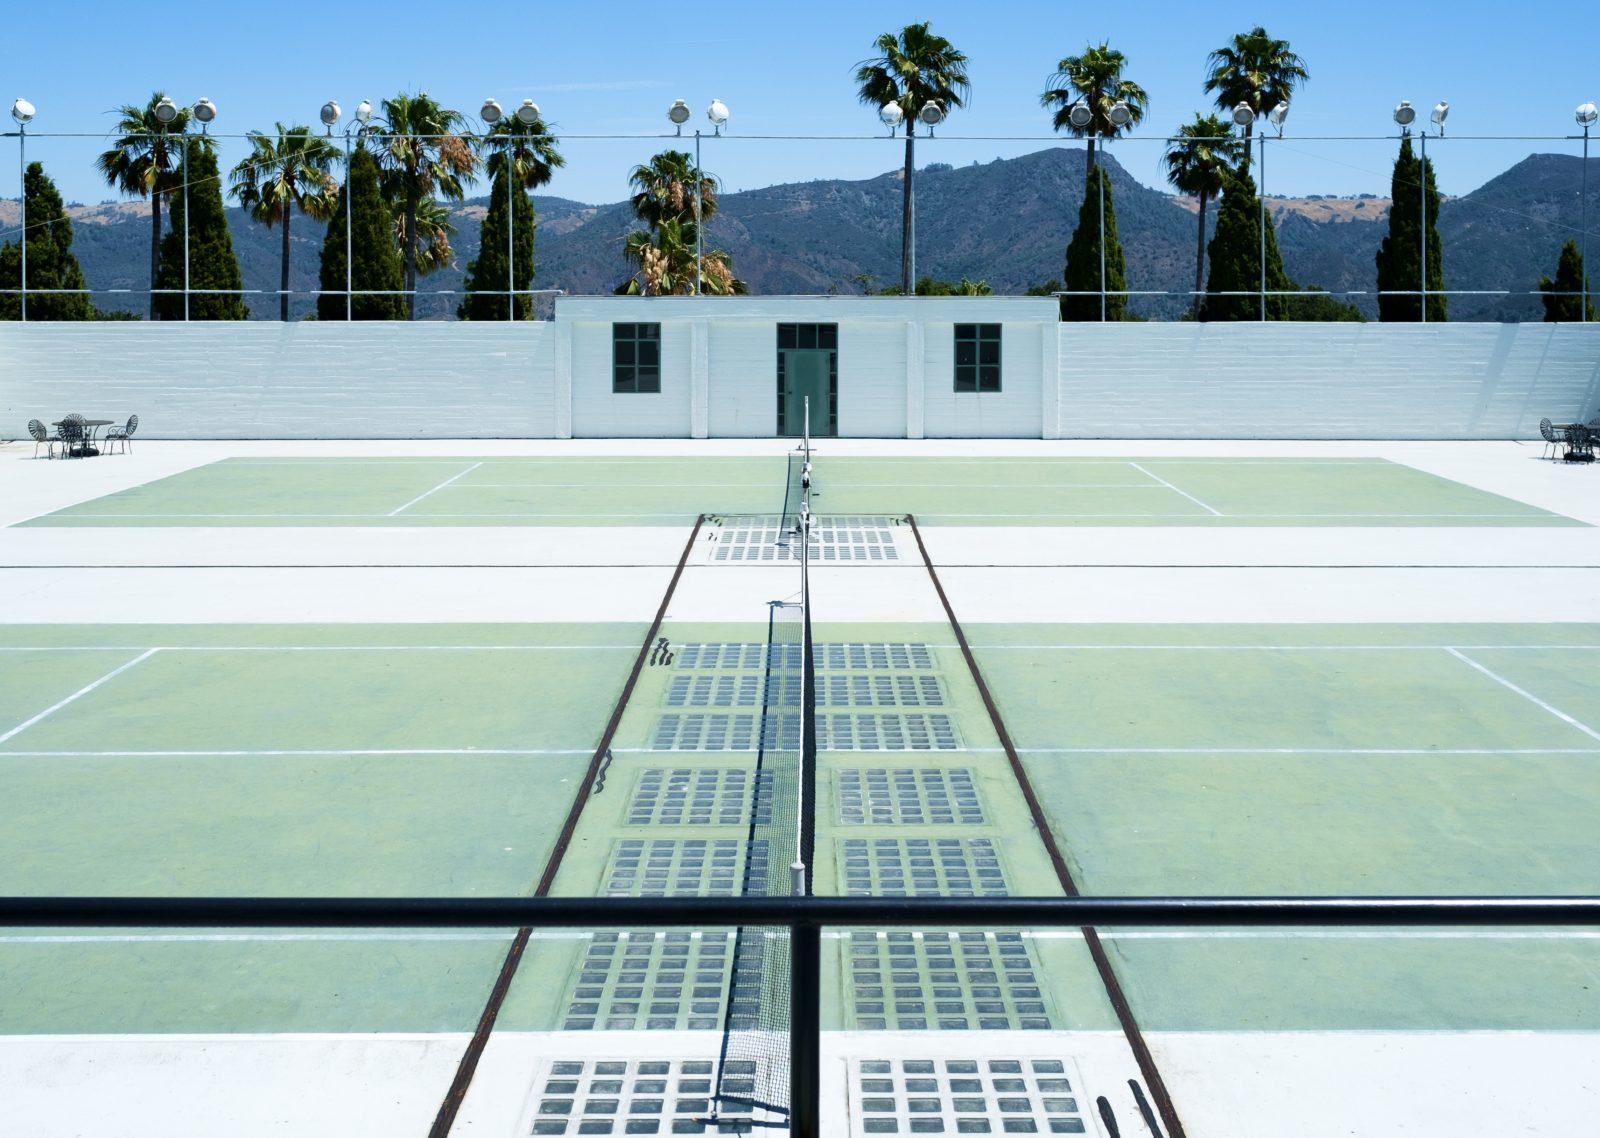 Tenis ziemny – turnieje w czasie pandemii